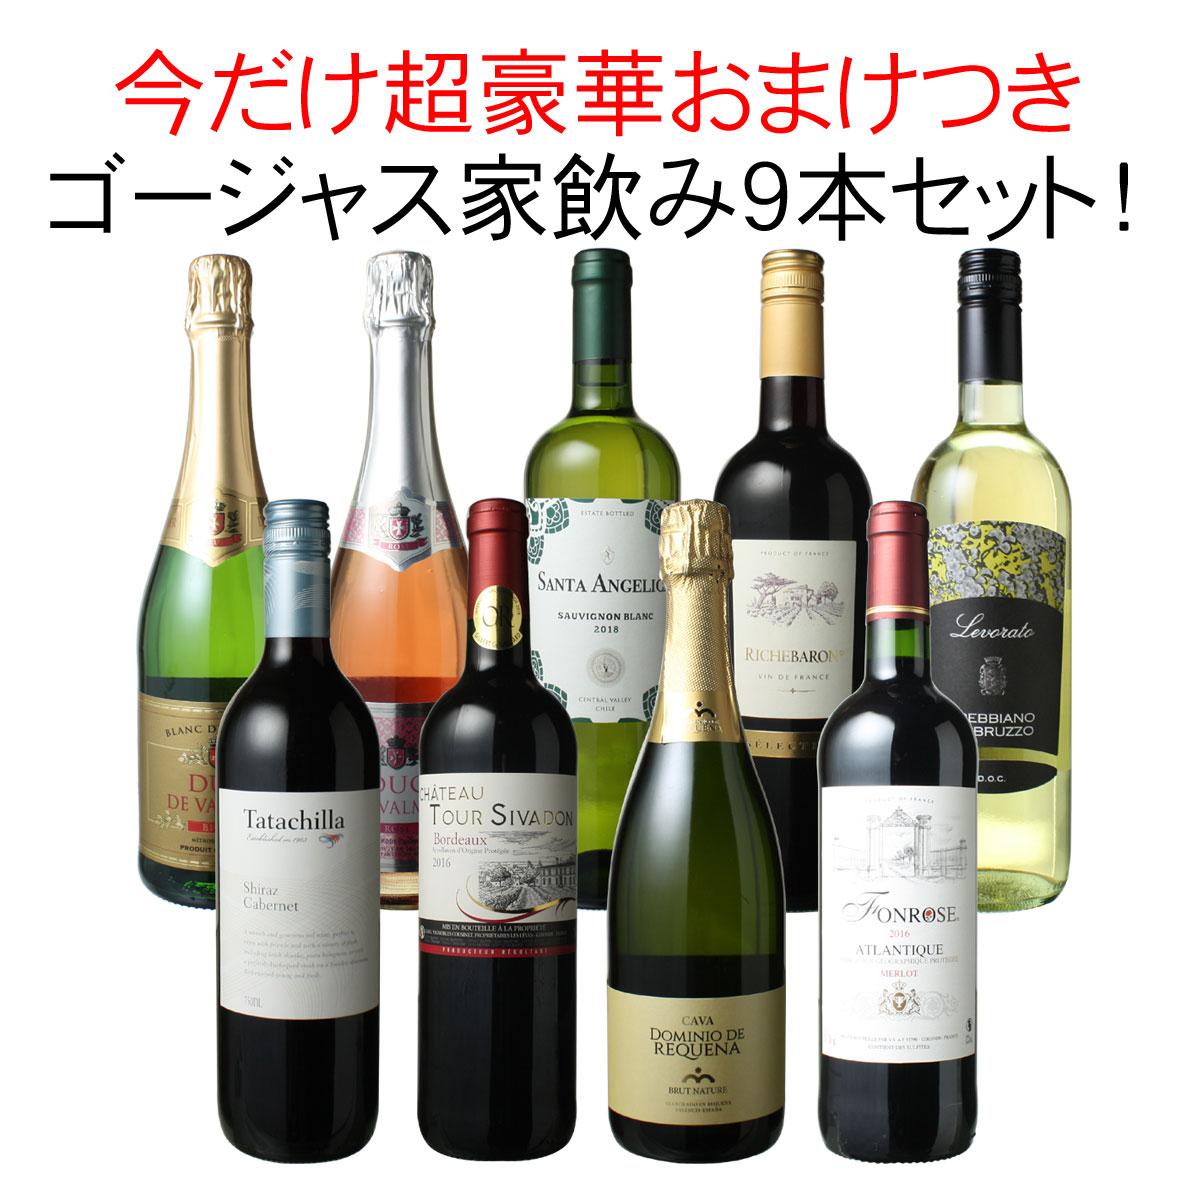 【送料無料】ワインセット ボルドーもカヴァも入ったゴージャス家飲み9本セット 赤ワイン 白ワイン スパークリング 全部入り パーティー 母の日 お家で毎日ワイン三昧 第17弾